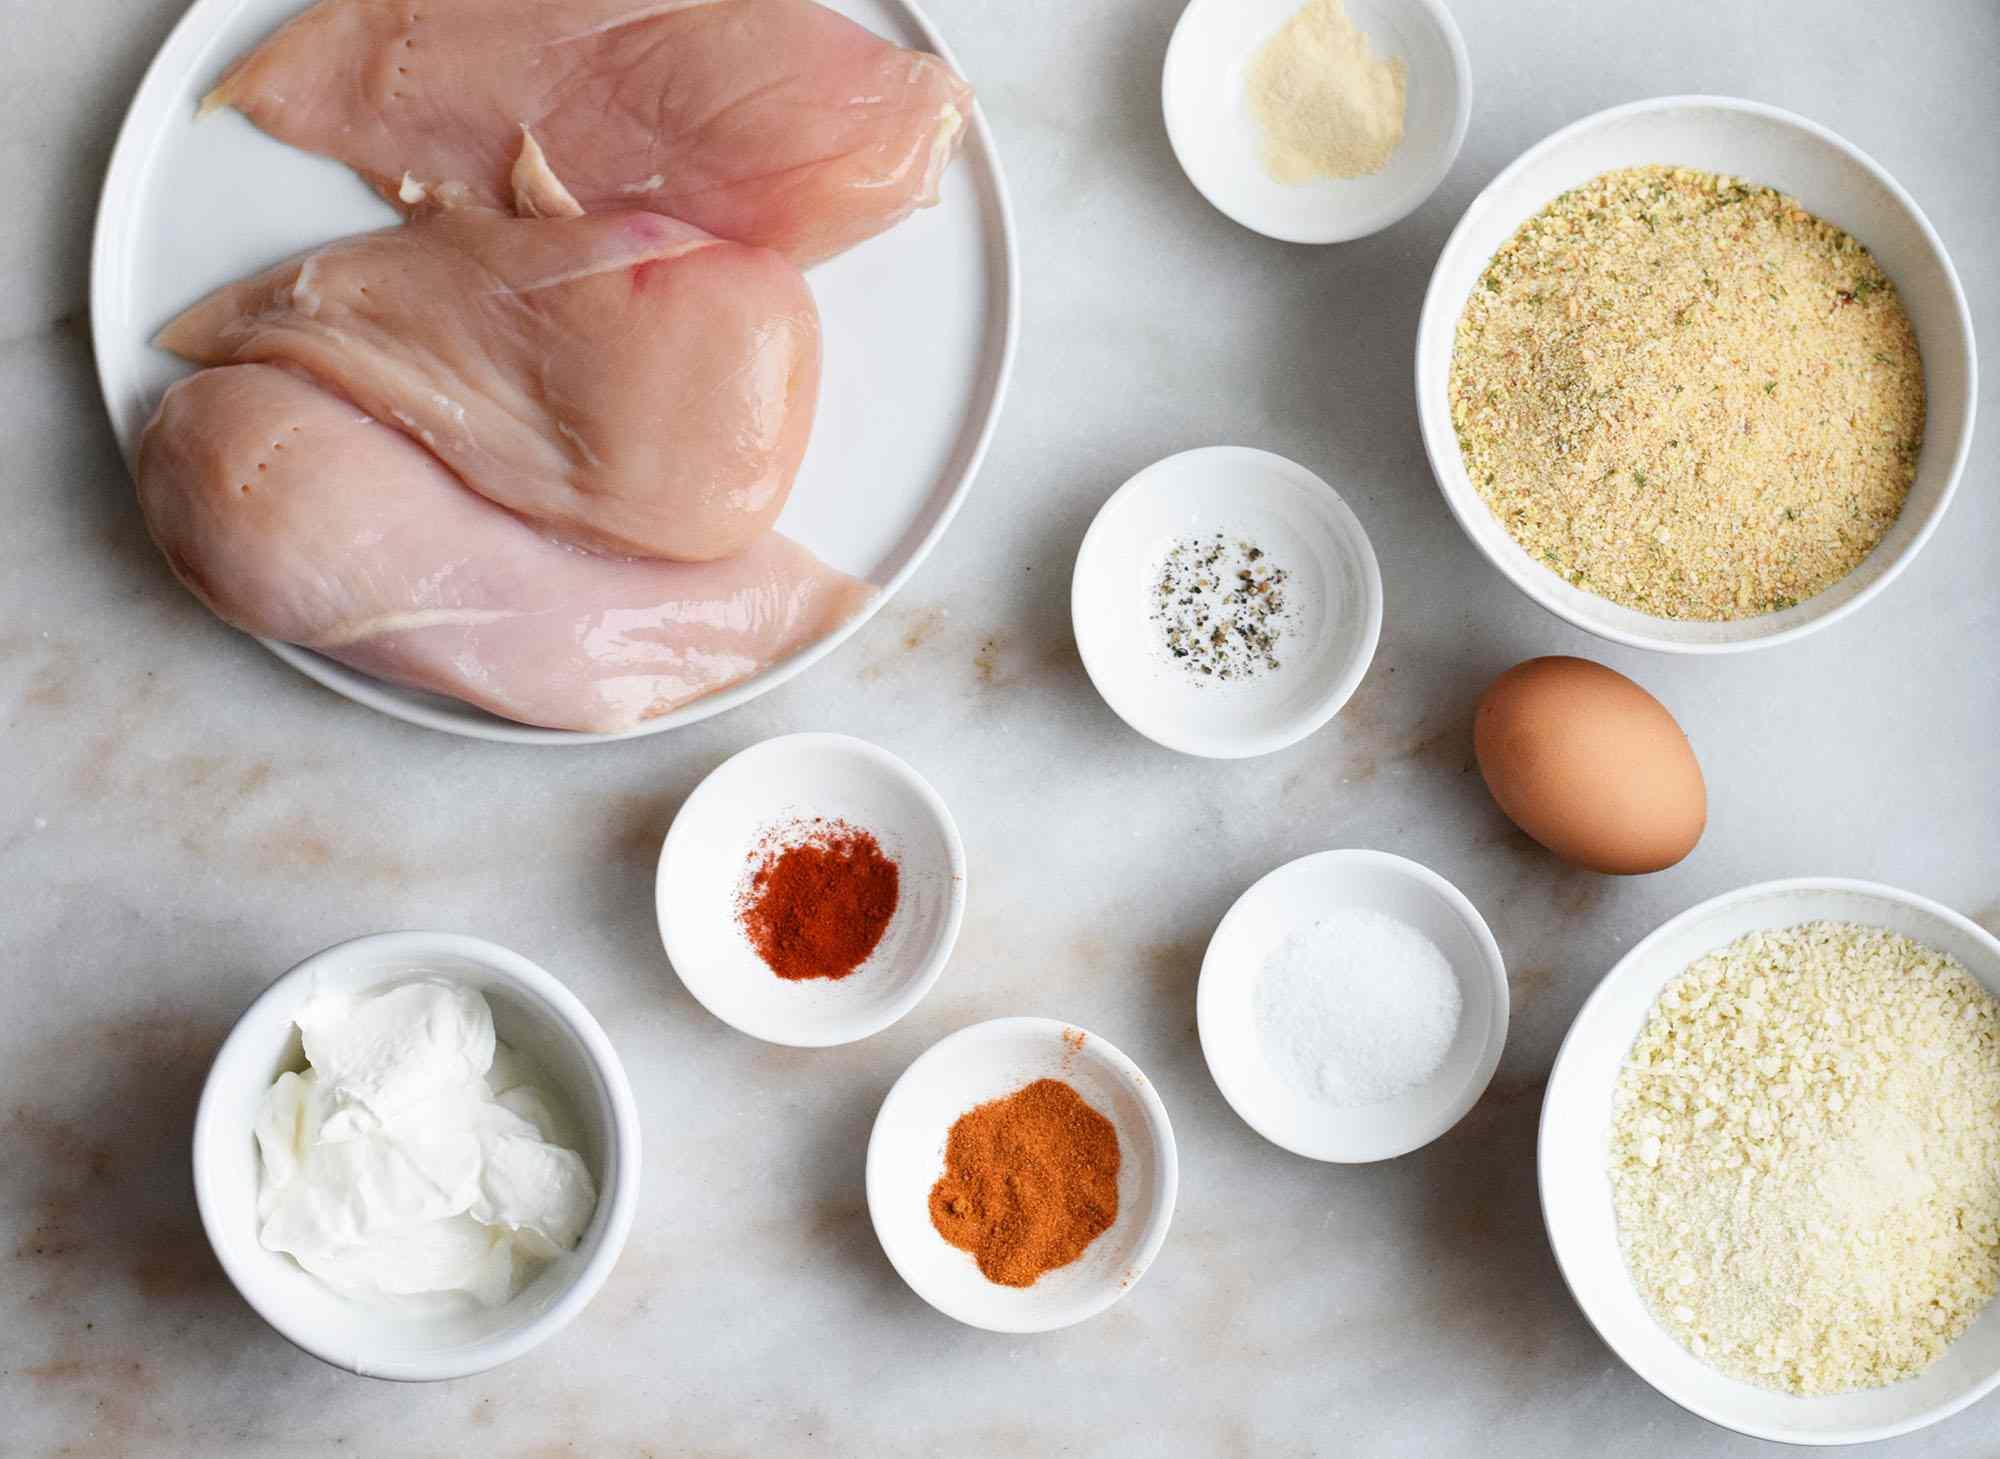 spicy chicken nugget ingredients